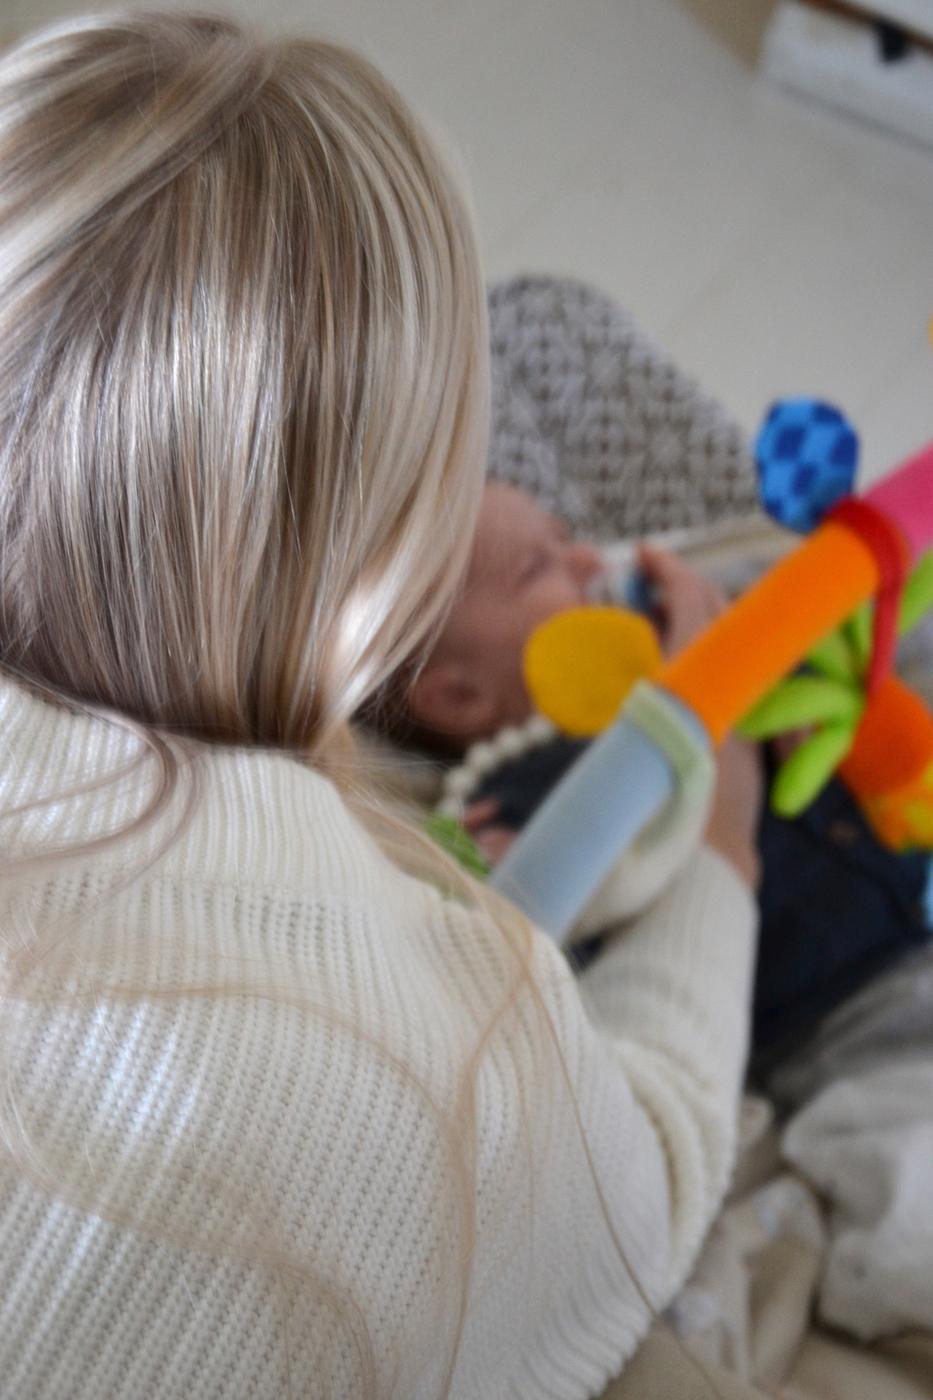 Milloin on sopiva jättää vauva hoitoon?